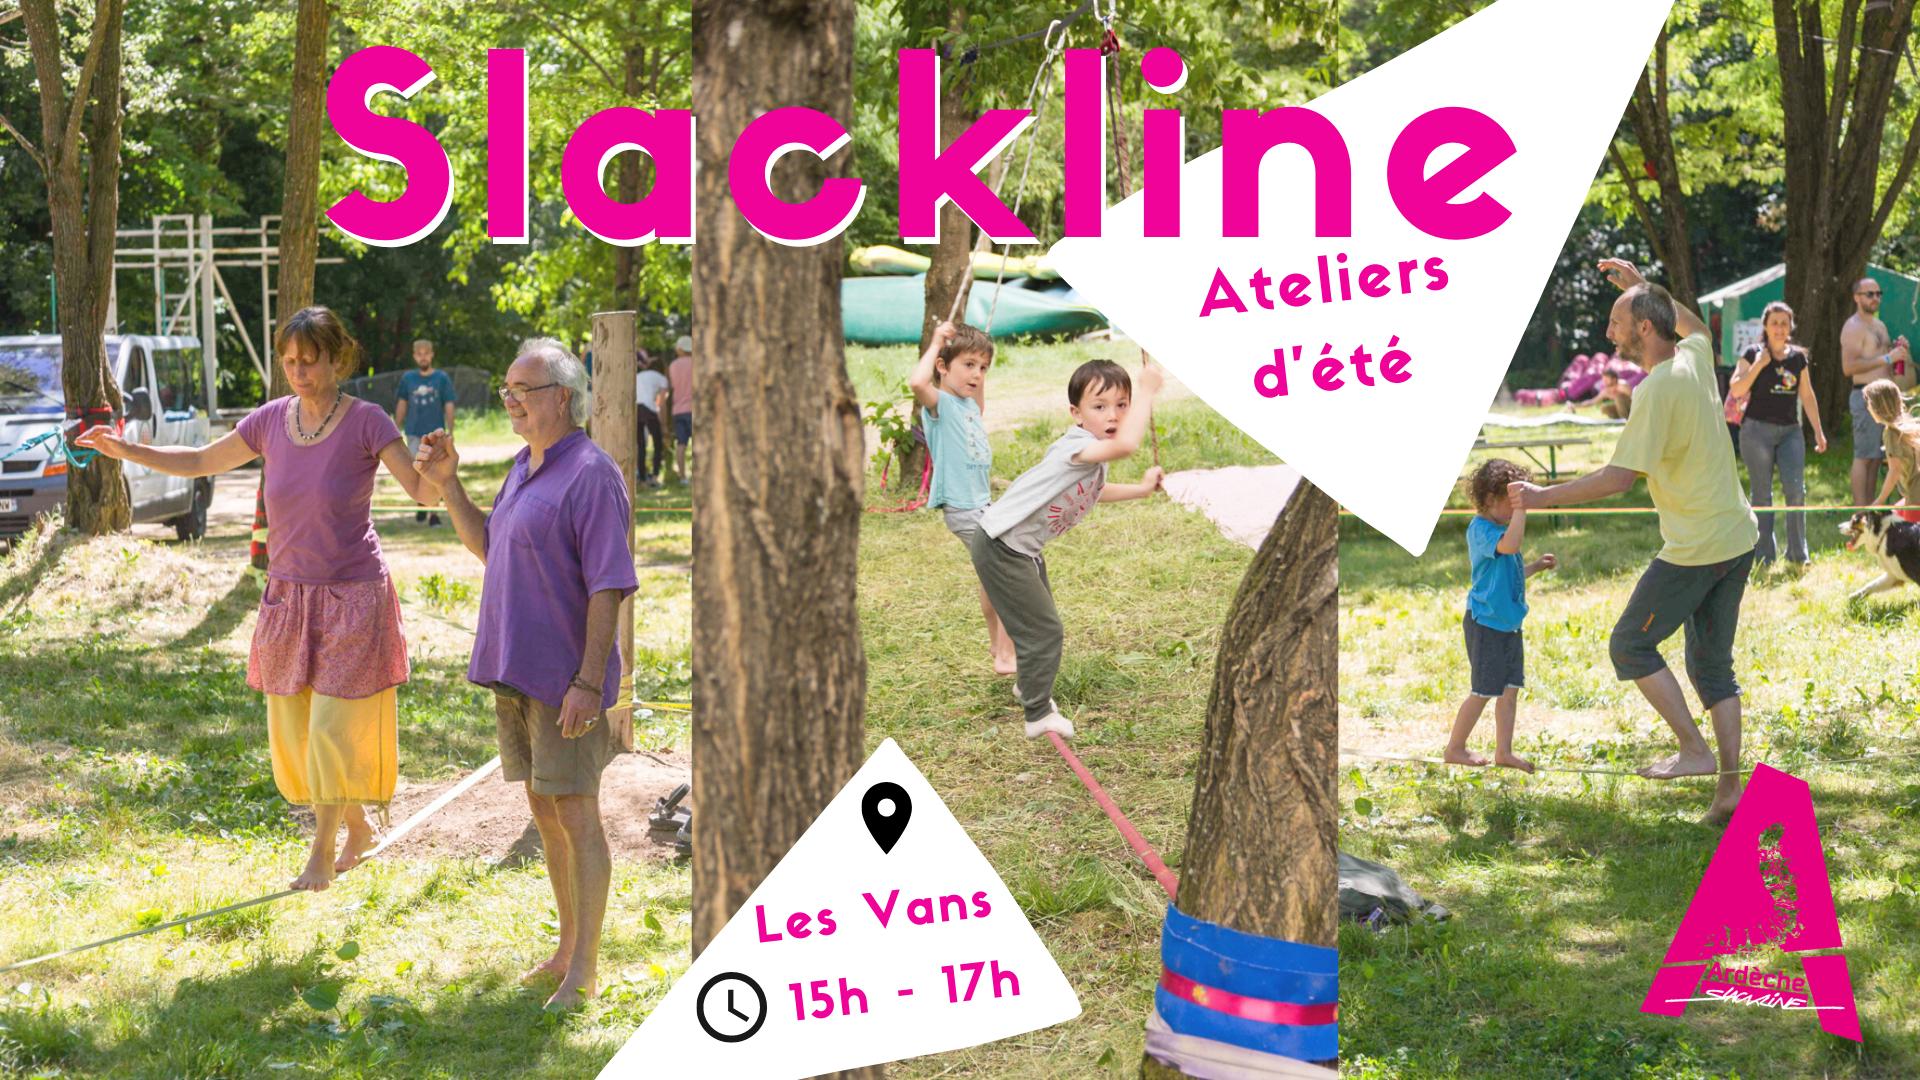 Ateliers slackline.png